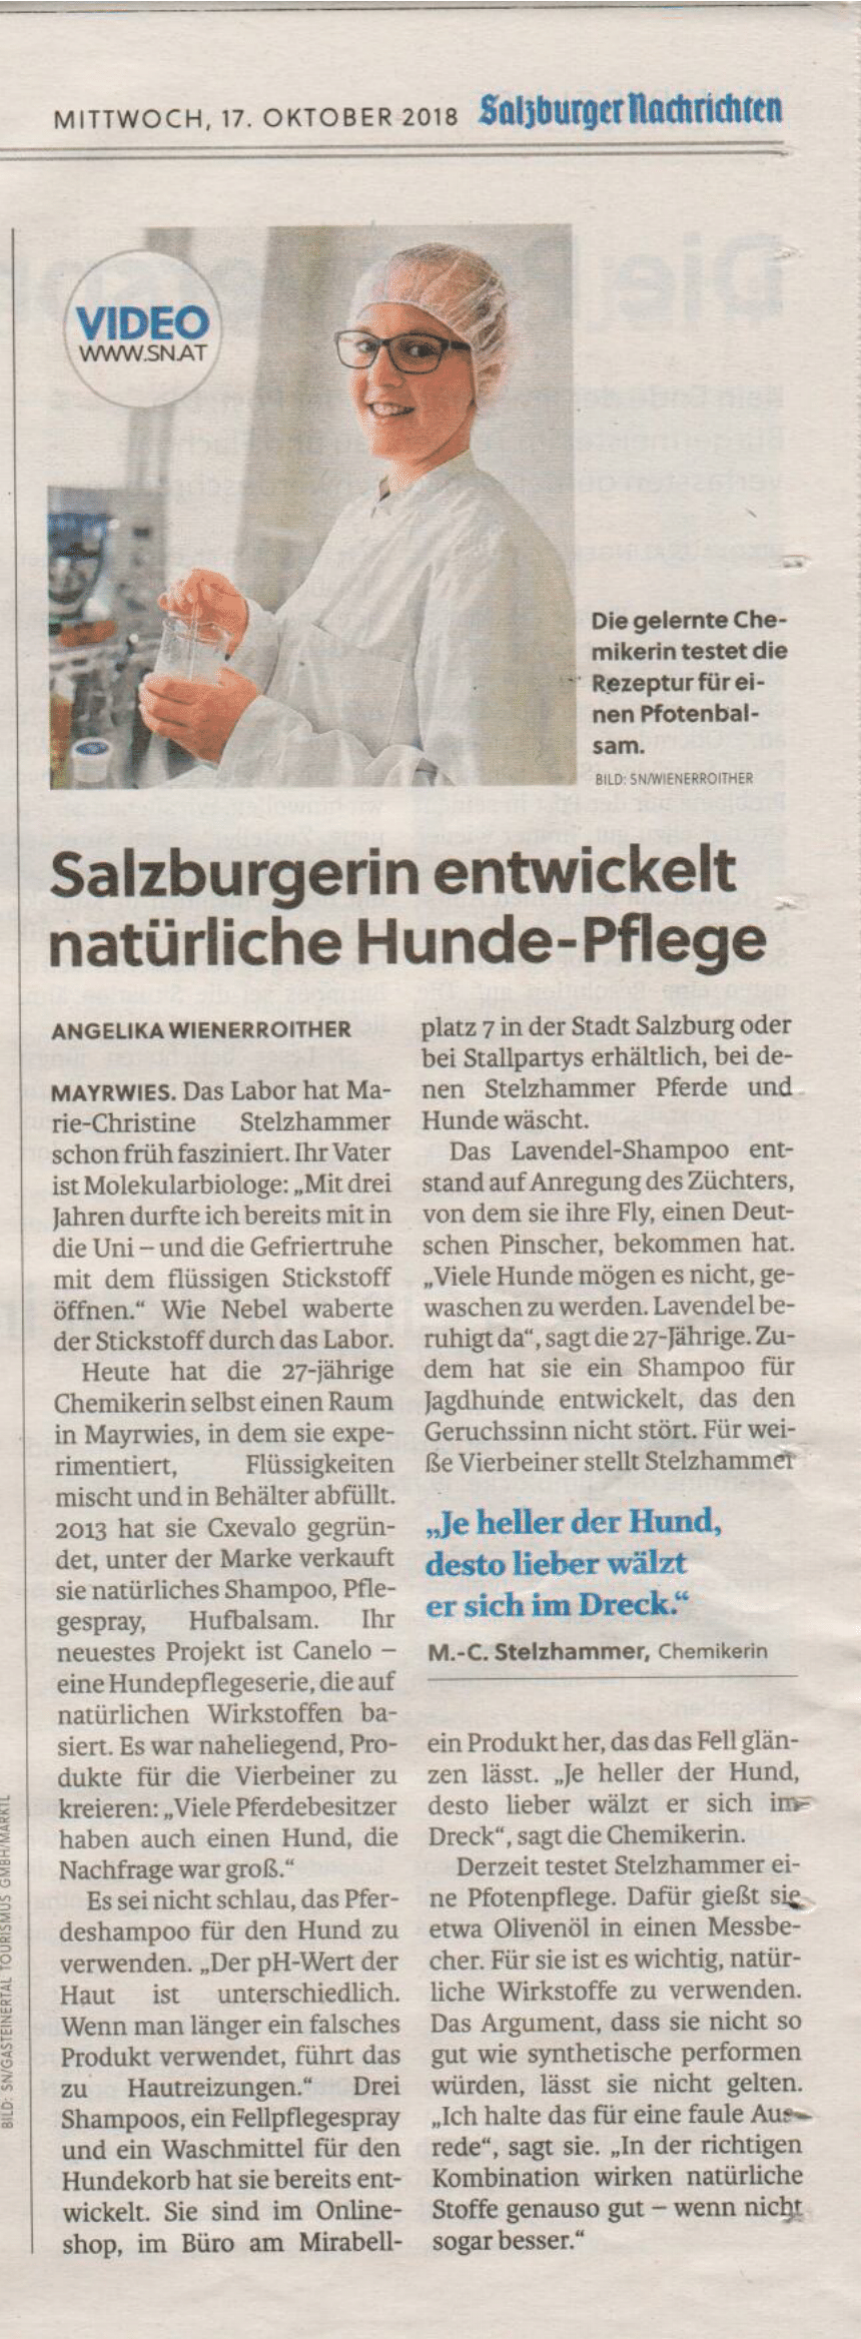 Ein Bericht über CANELO Gründerin Marie-Christine Stelzhammer in den Salzburger Nachrichten vom 17.10.2018